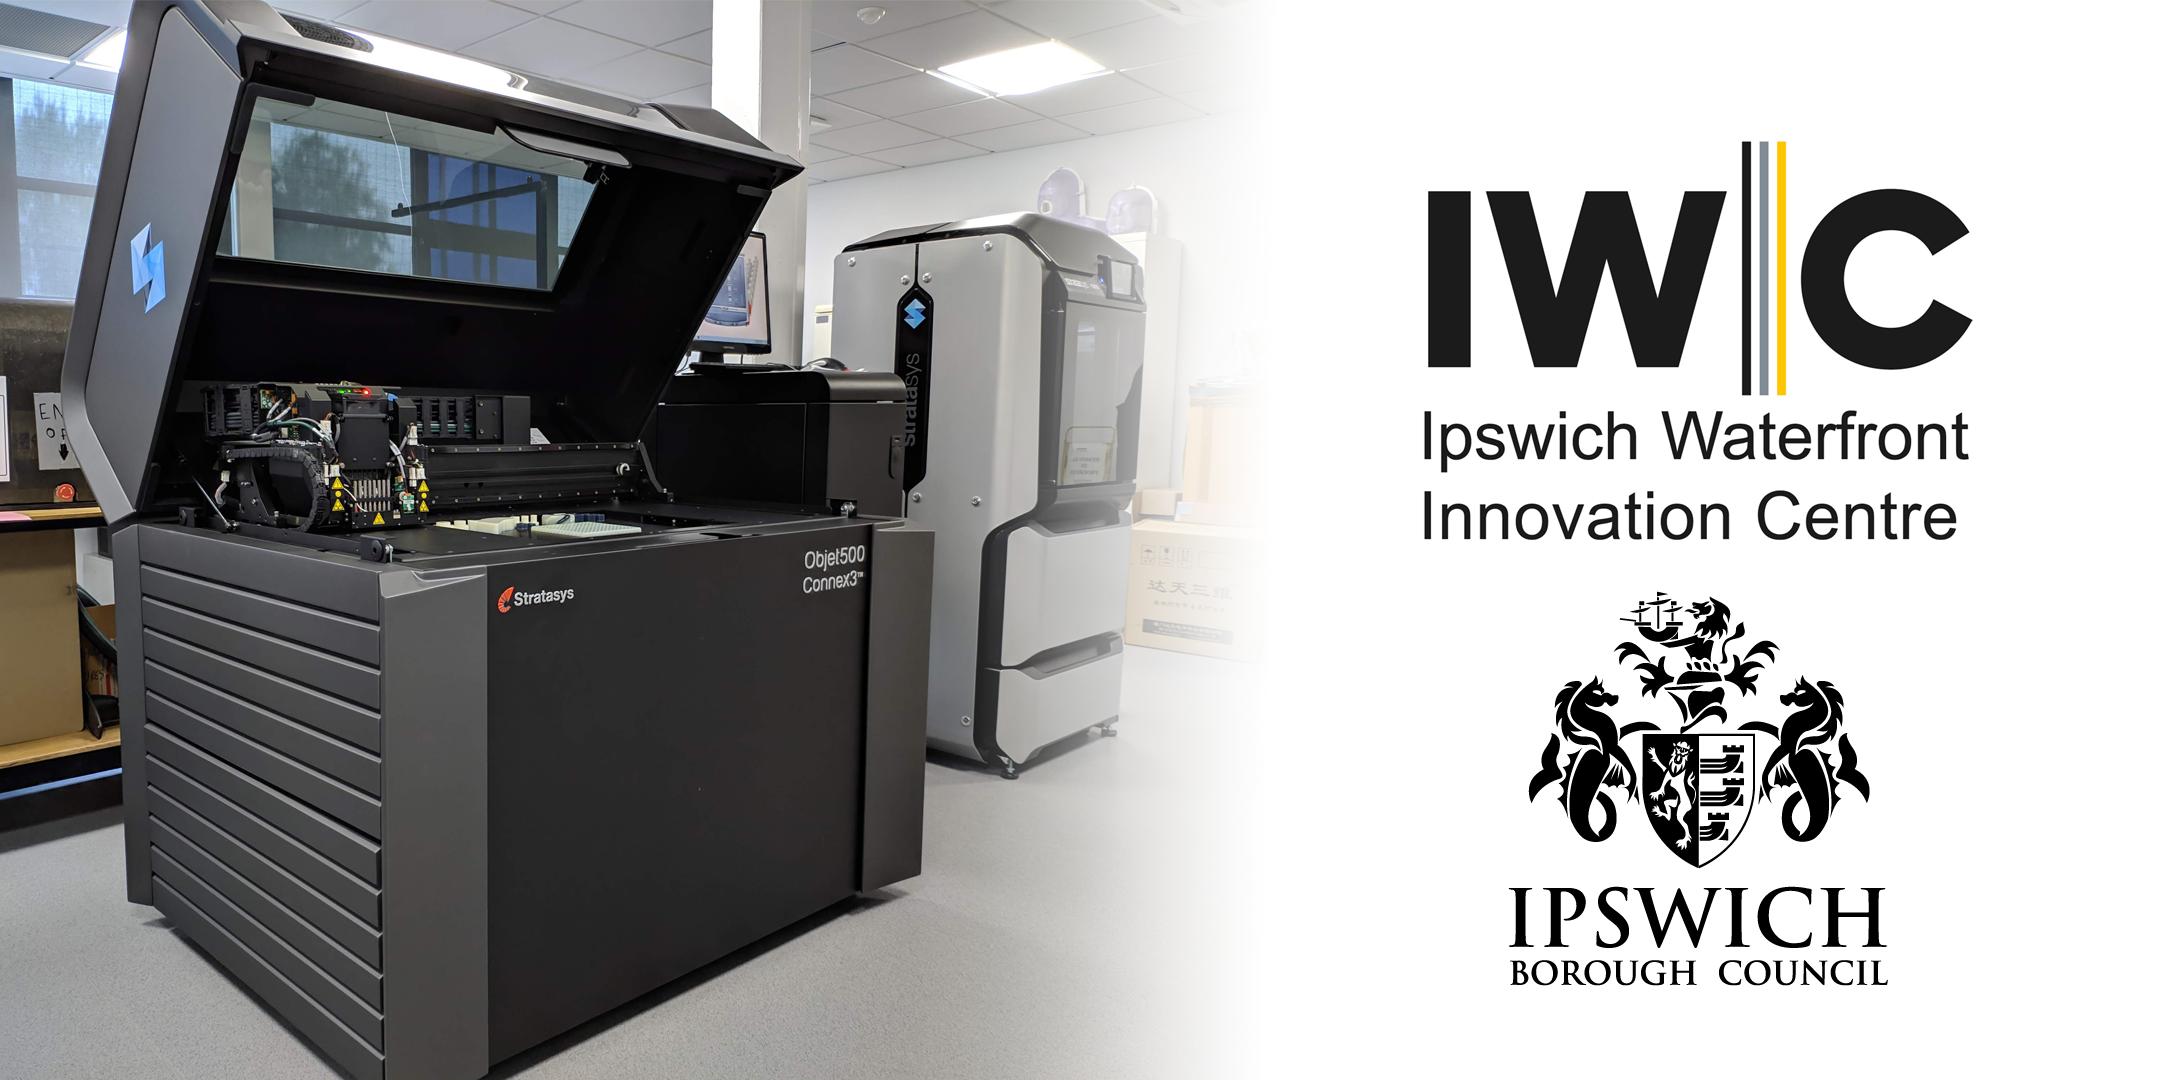 3DPrintingEventbrite IWIC IBC 2